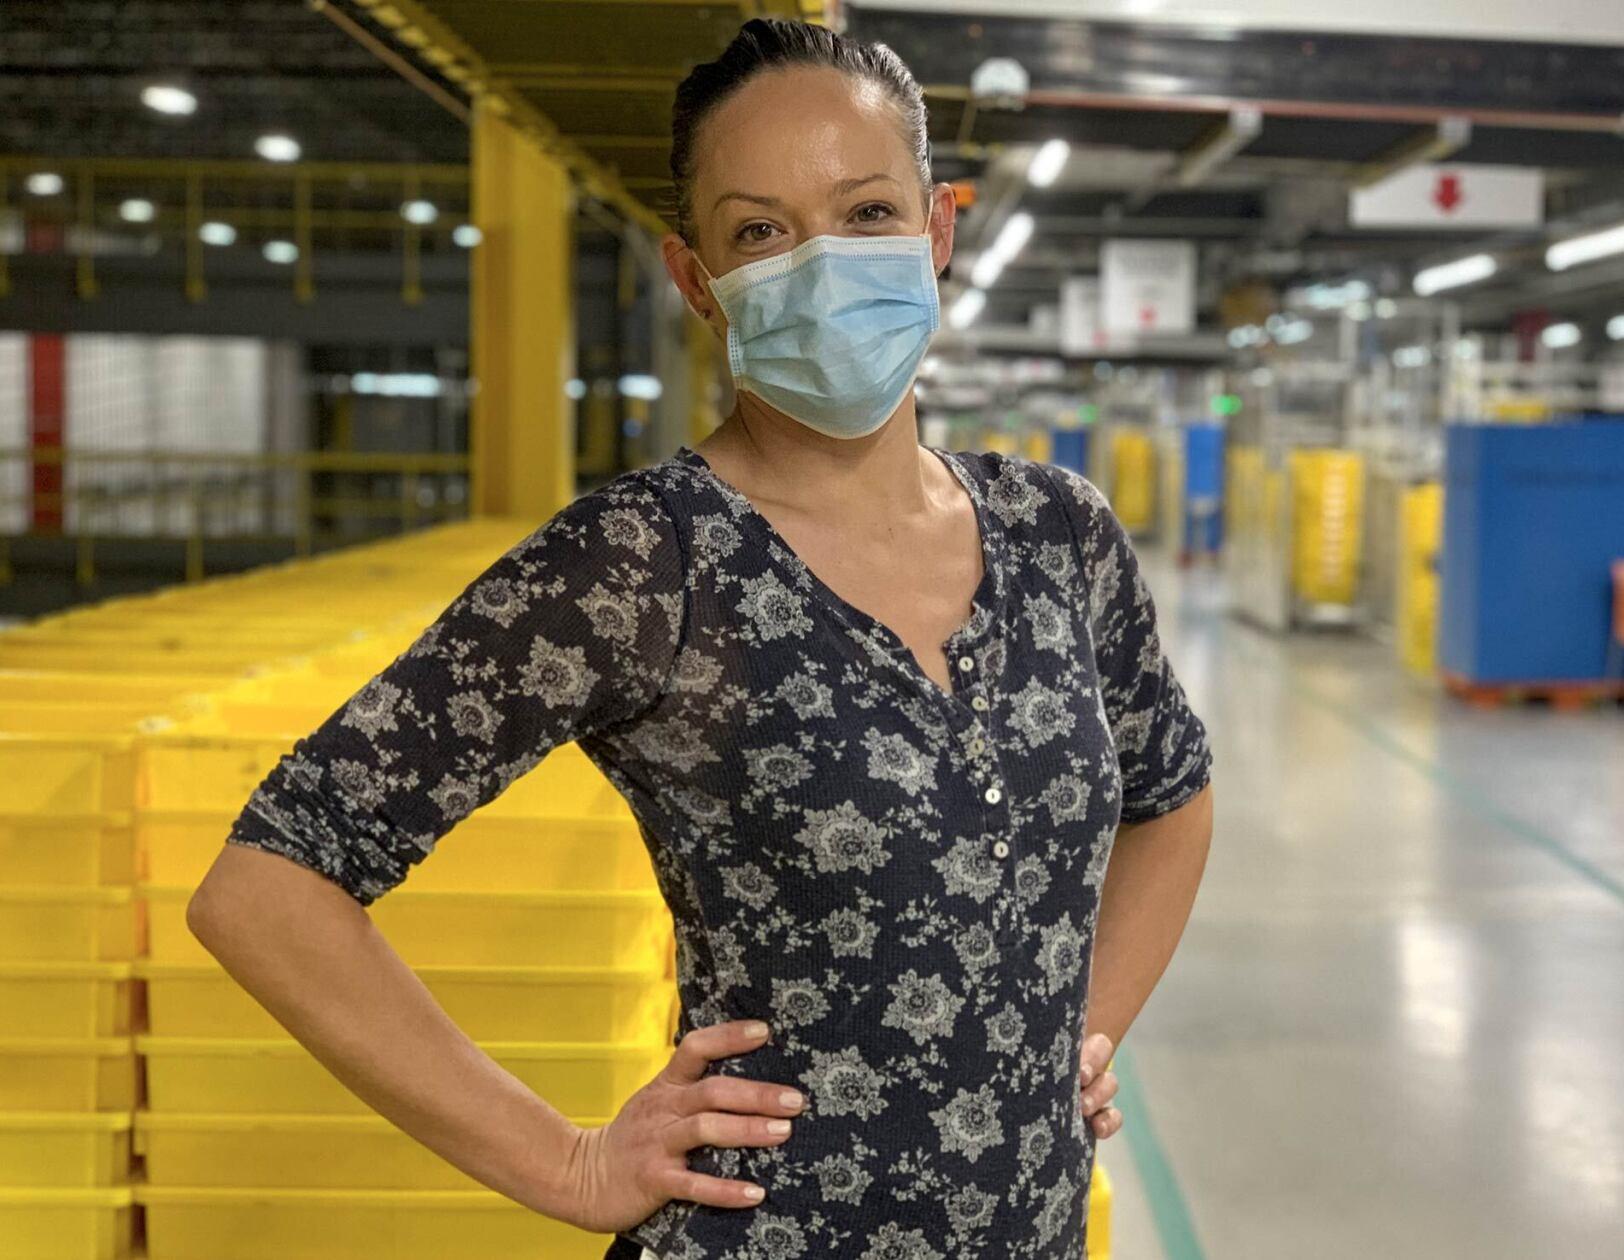 Women workers Amazon